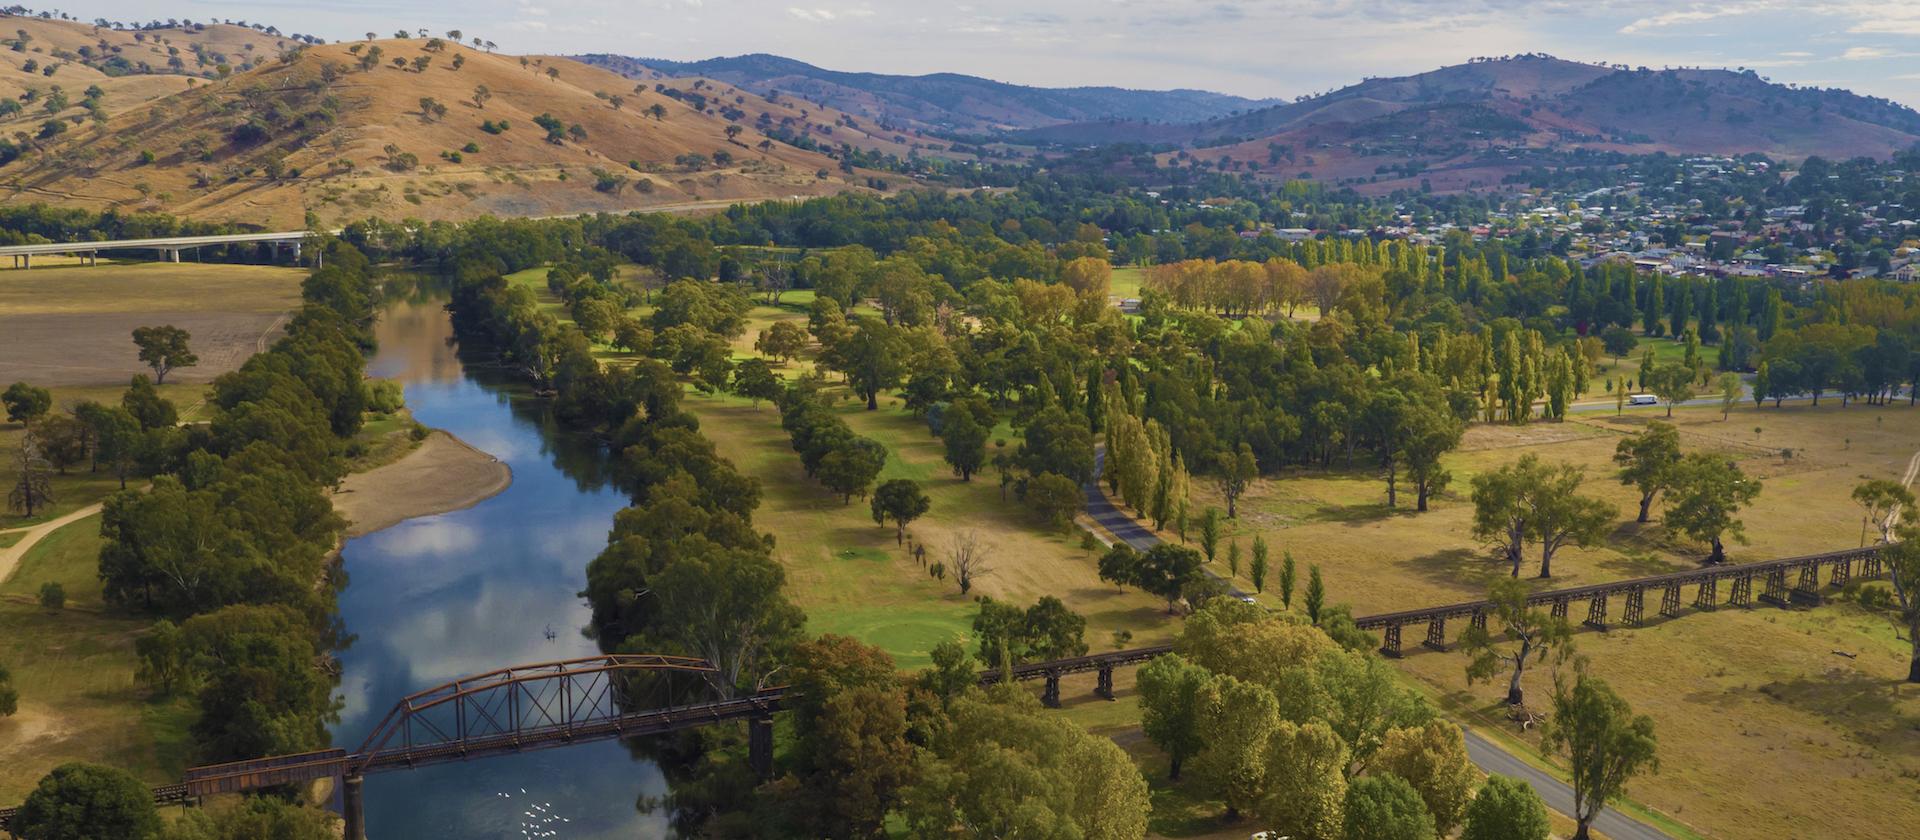 Springtime in the NSW Riverina